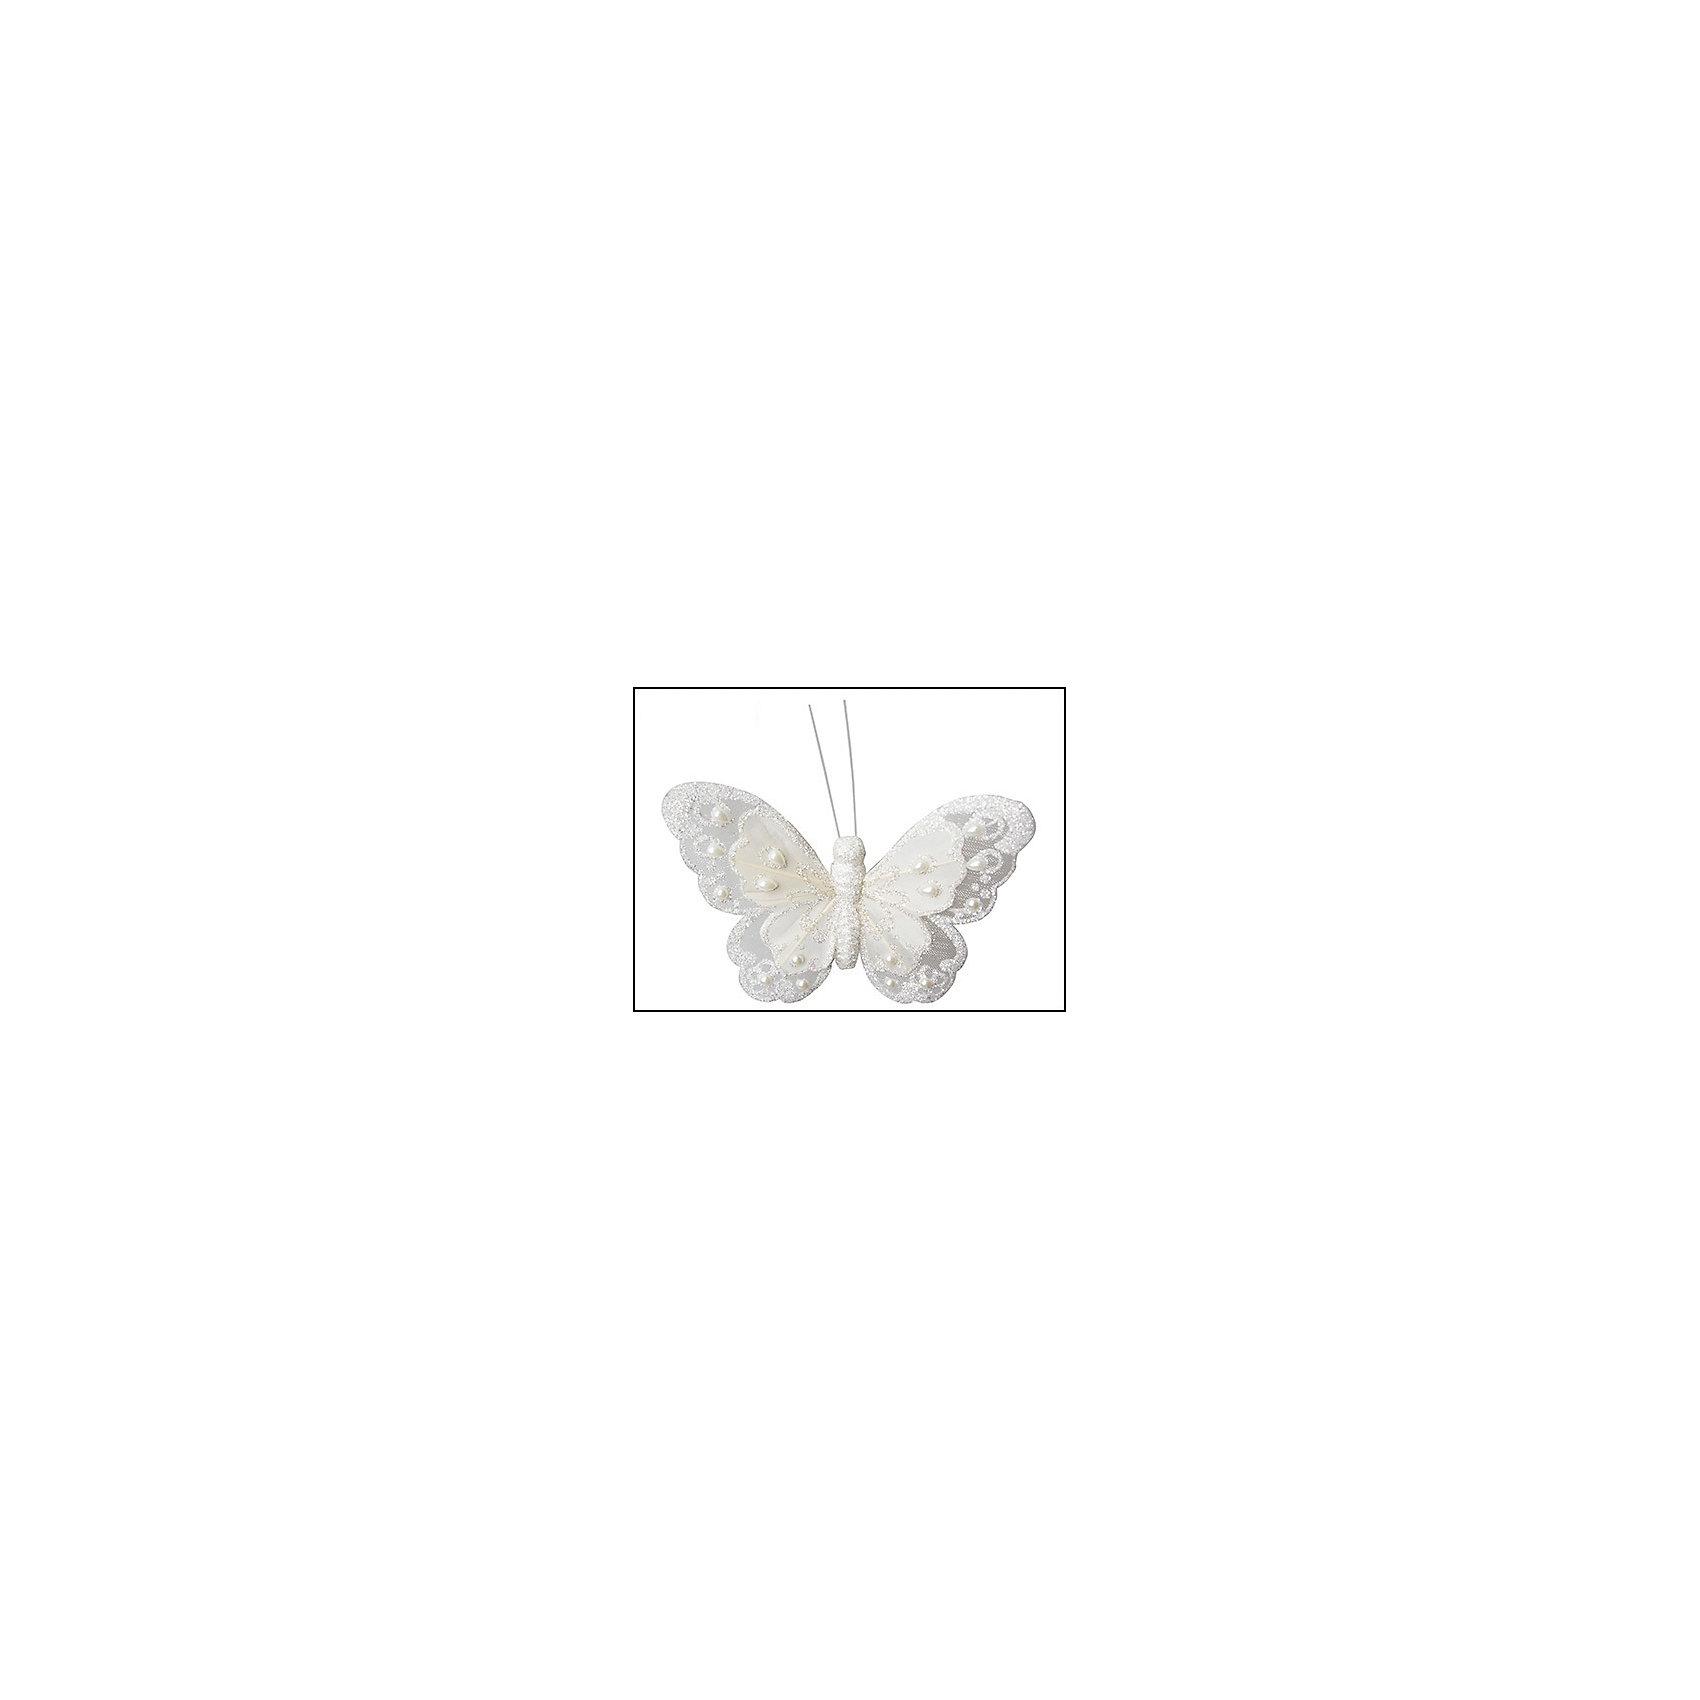 Украшение Бабочка белыйЁлочные игрушки<br>Изготовлено из пластмассы, полифоума. ёл. укр.Classic White бабочка, 11см, белый<br><br>Ширина мм: 110<br>Глубина мм: 110<br>Высота мм: 20<br>Вес г: 100<br>Возраст от месяцев: 36<br>Возраст до месяцев: 2147483647<br>Пол: Унисекс<br>Возраст: Детский<br>SKU: 5101062